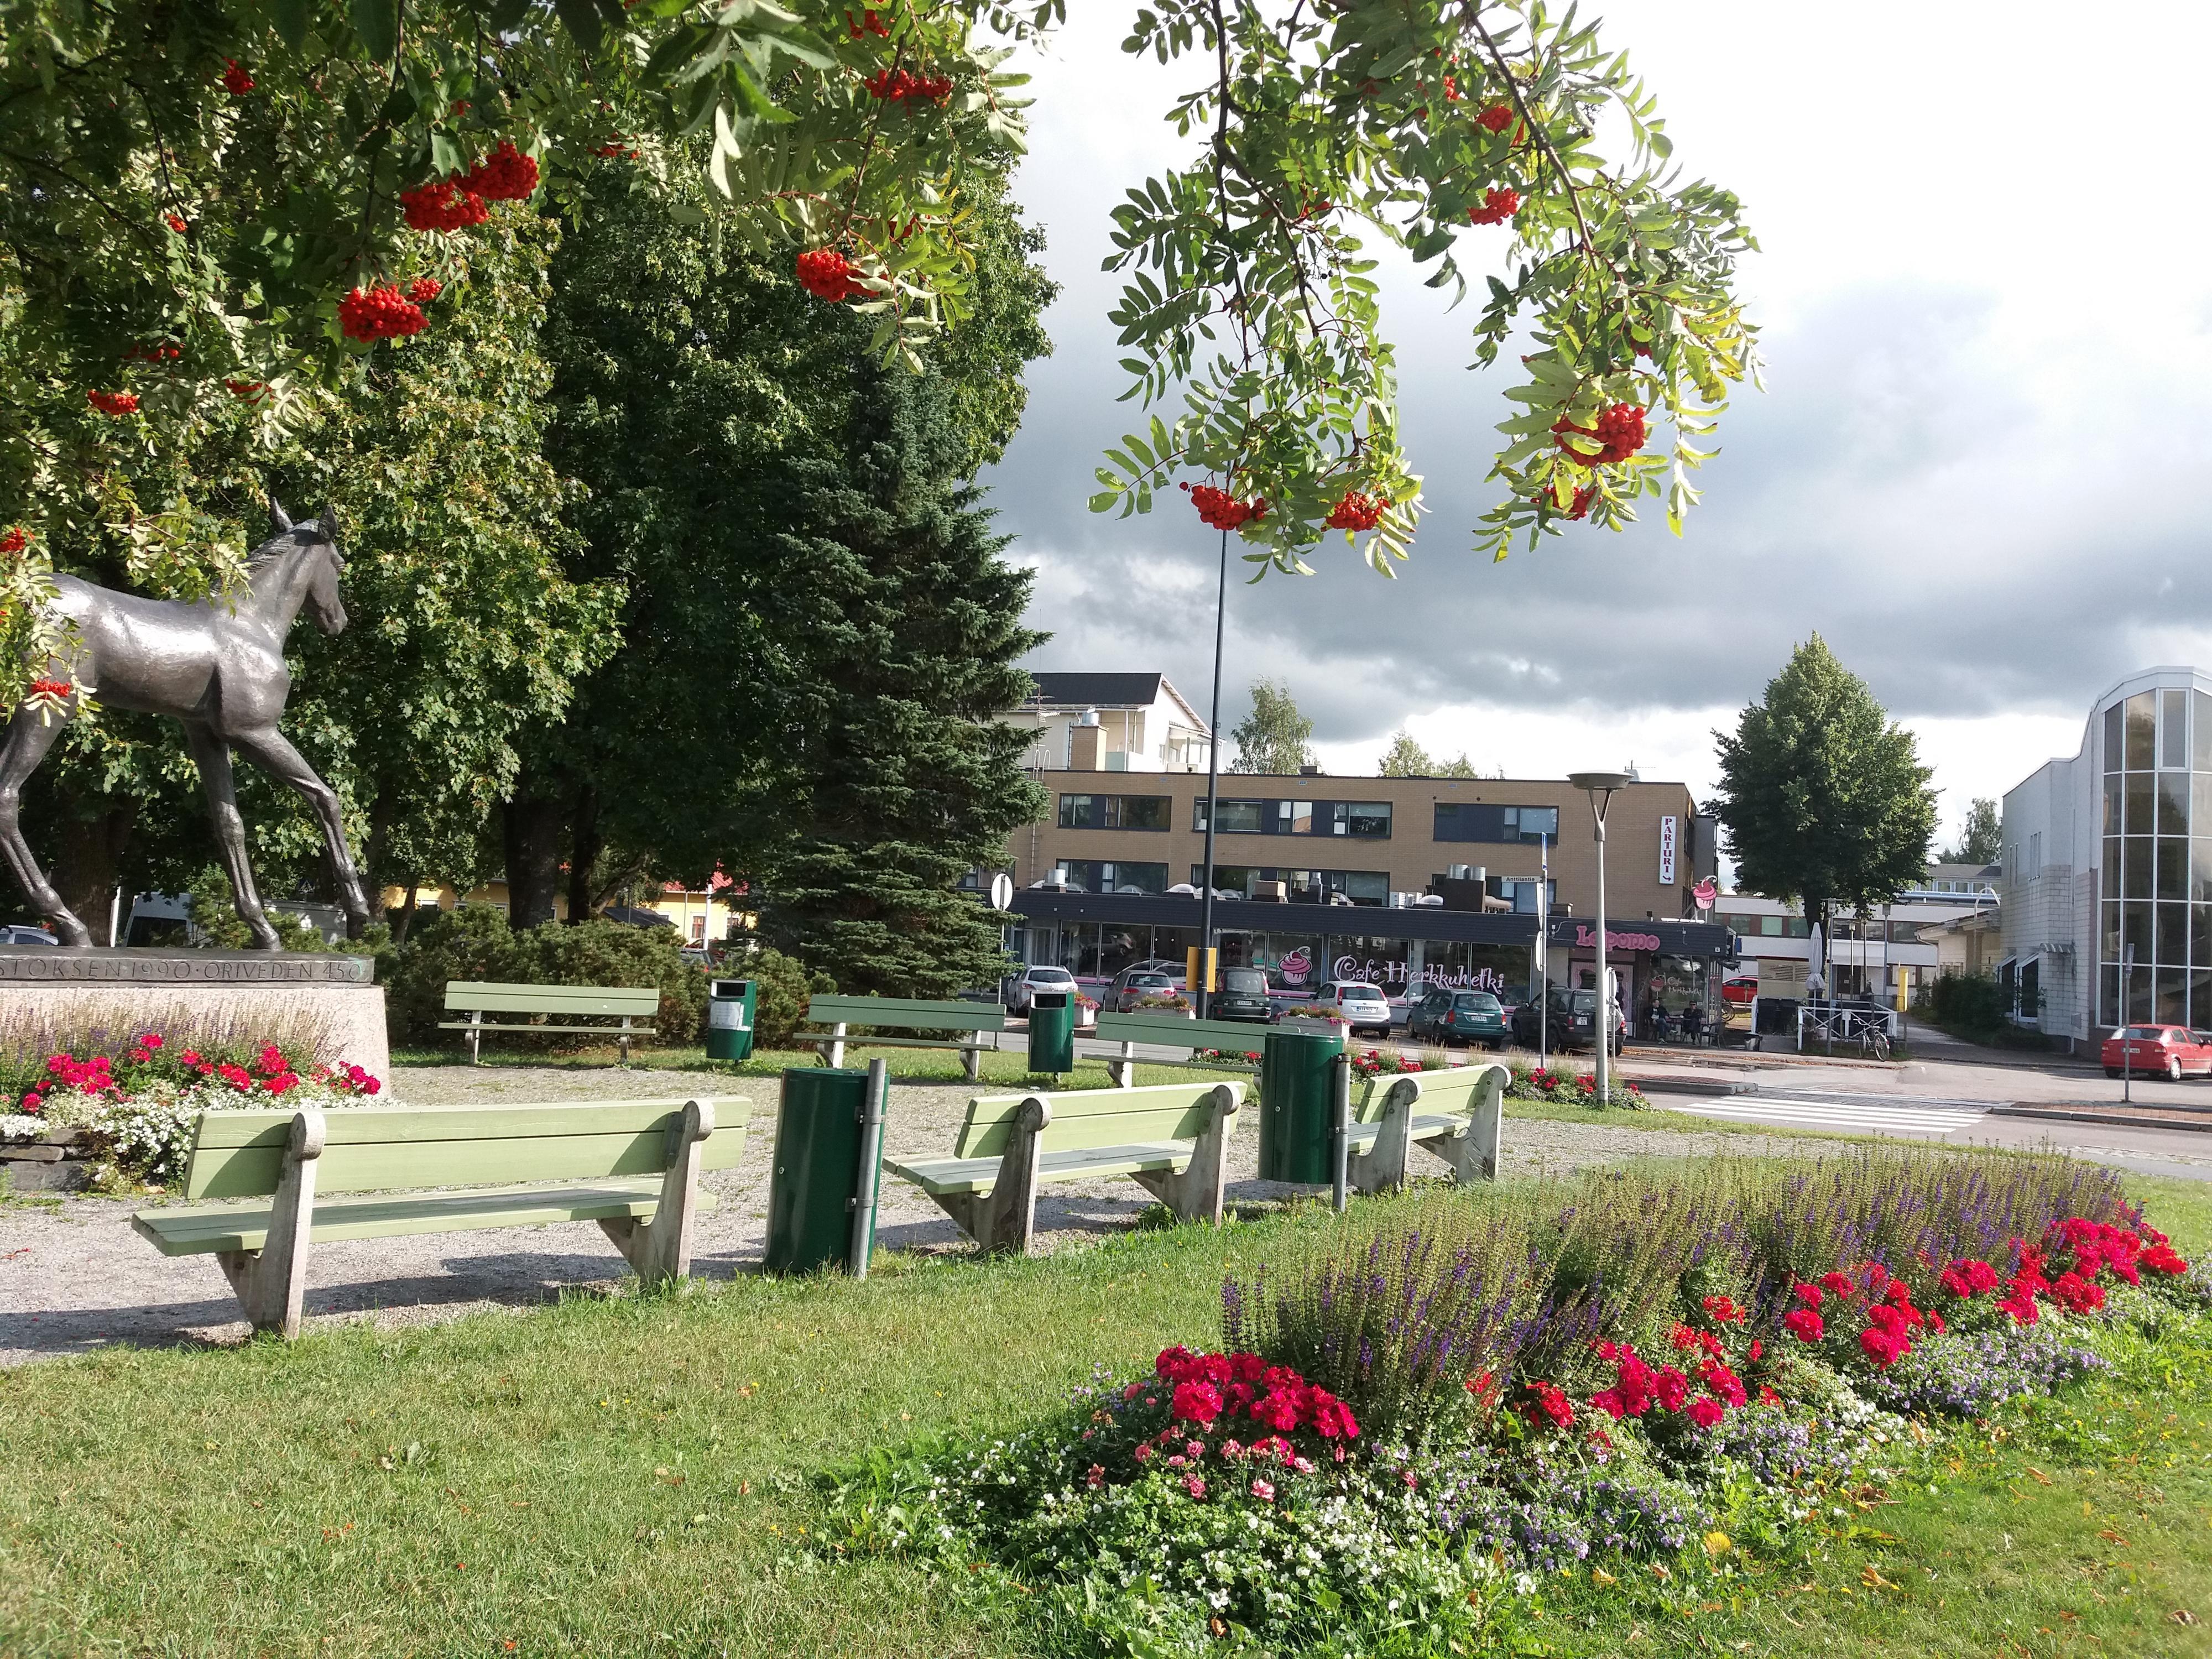 Oriveden keskustaa ja Orivarsa-patsaan puisto. Taustalla näkyy Cafe Herkkuhetki ja Osuuspankki.